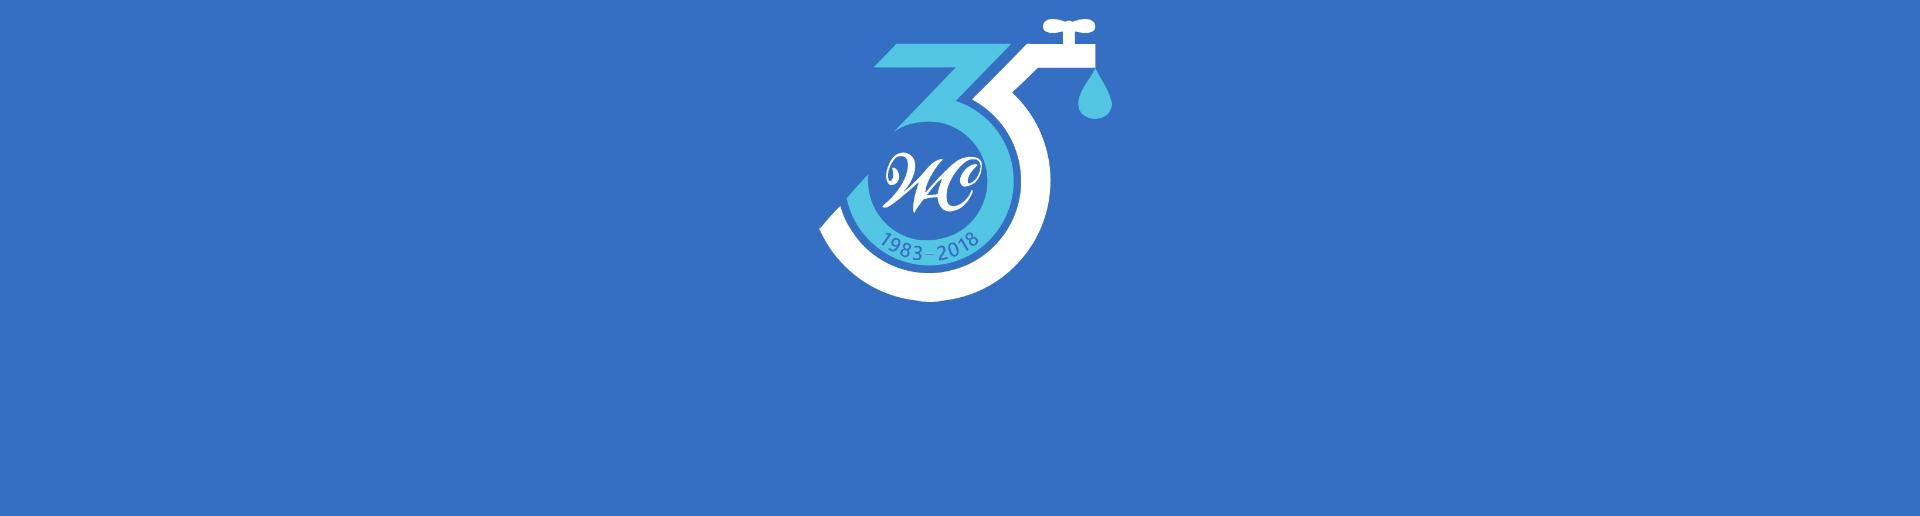 Celebrating 35 Years...